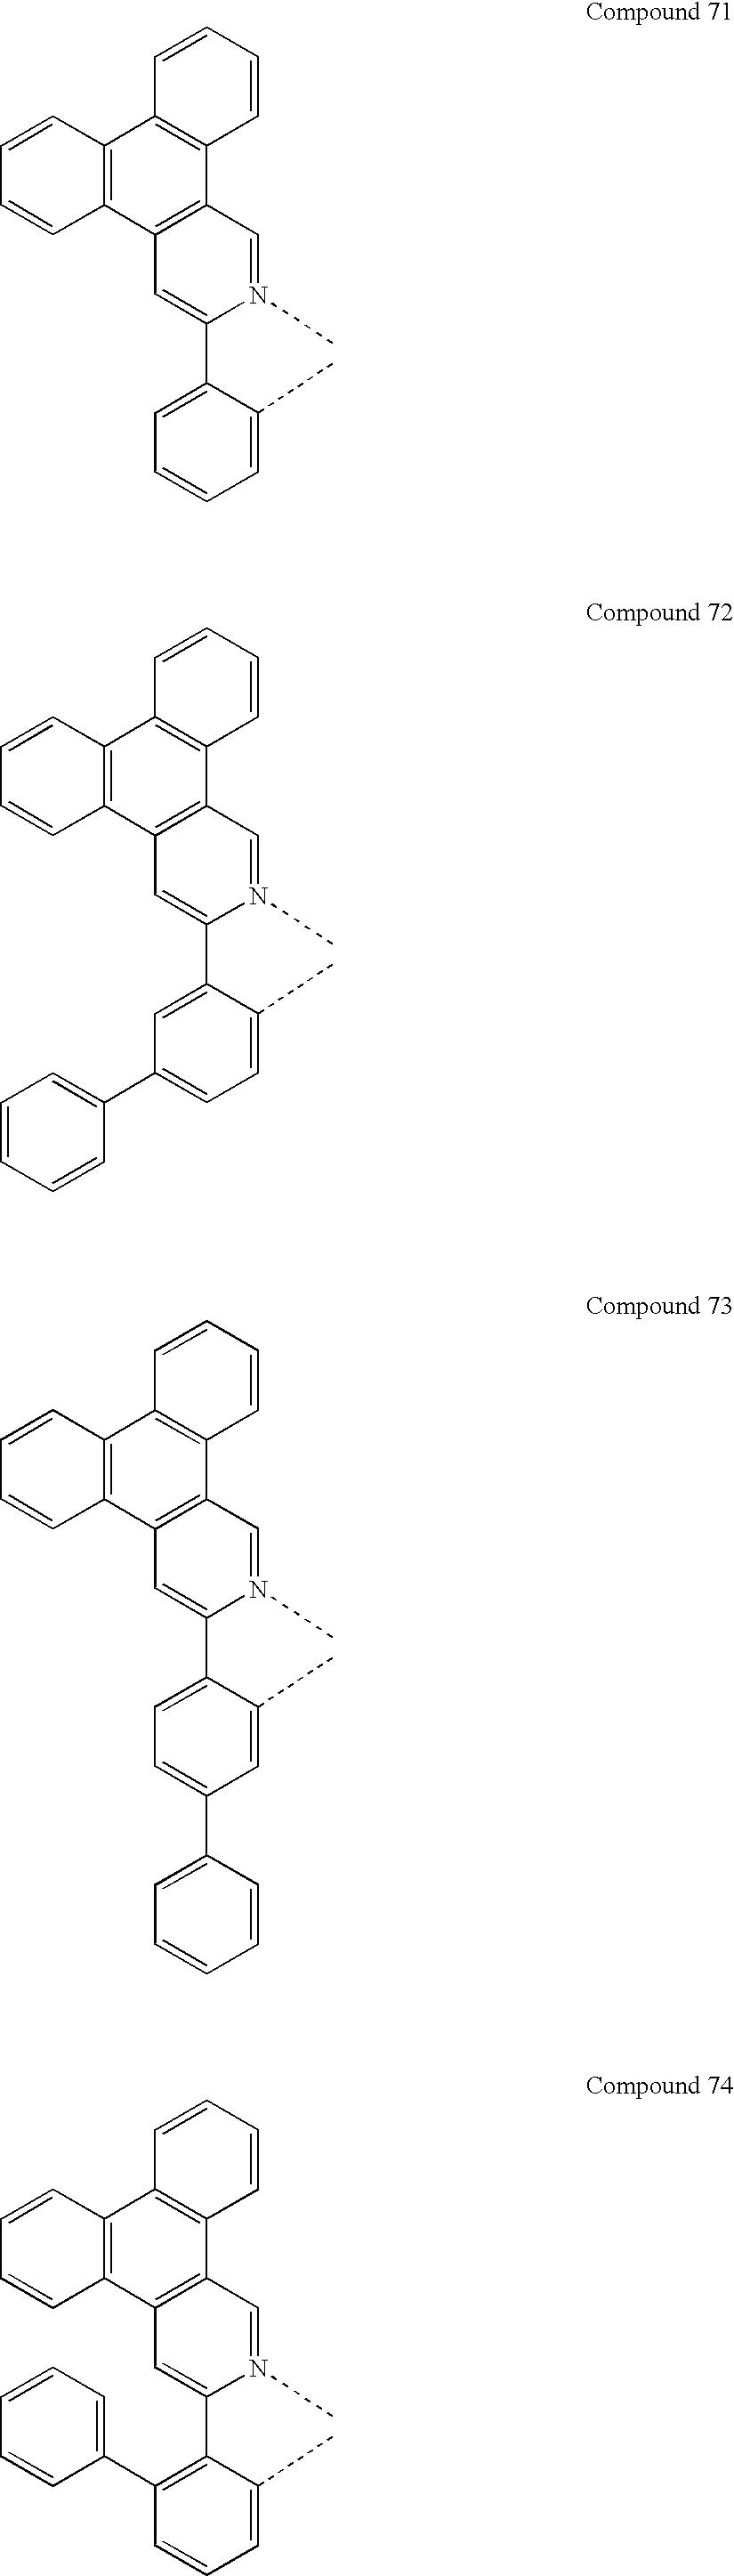 Figure US20100289406A1-20101118-C00203